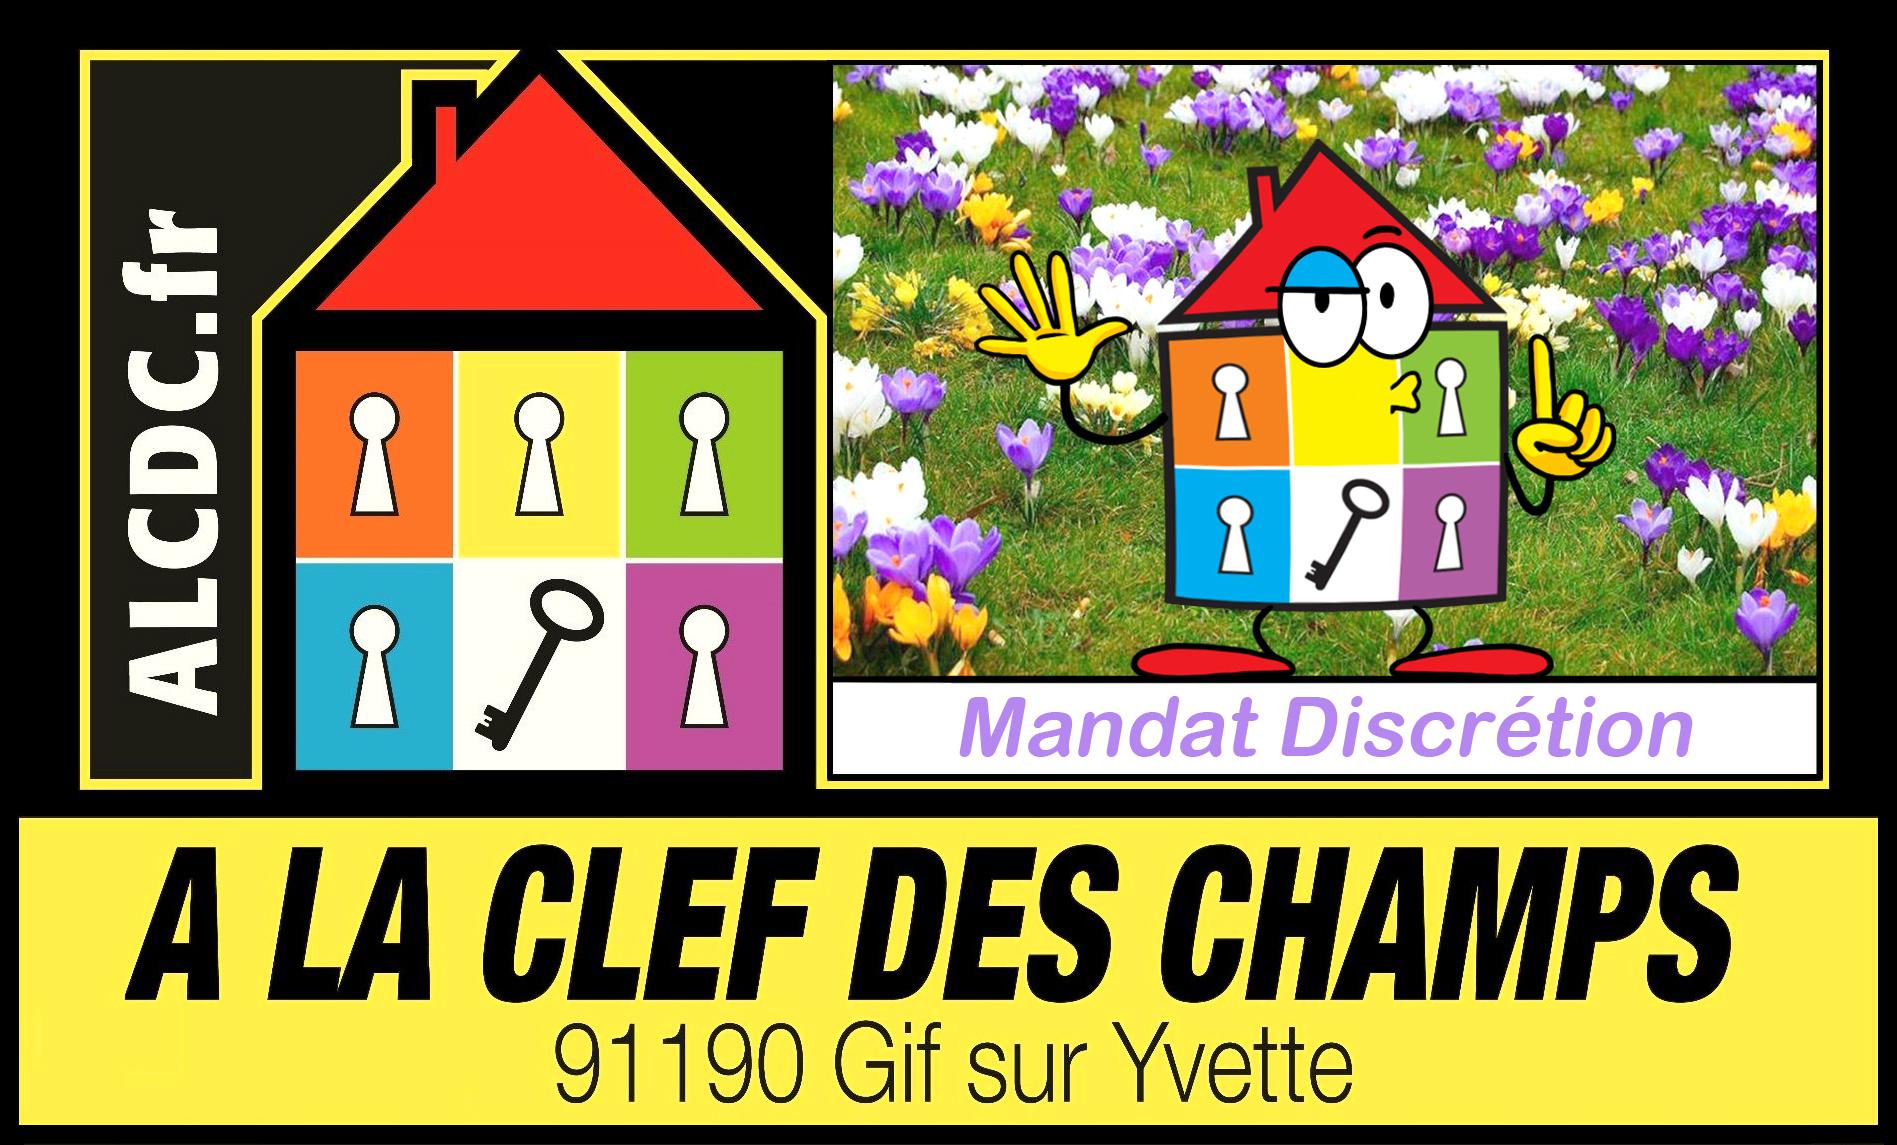 BURES SUR YVETTE MAISON DE CHARME 180 M2 A VENDRE